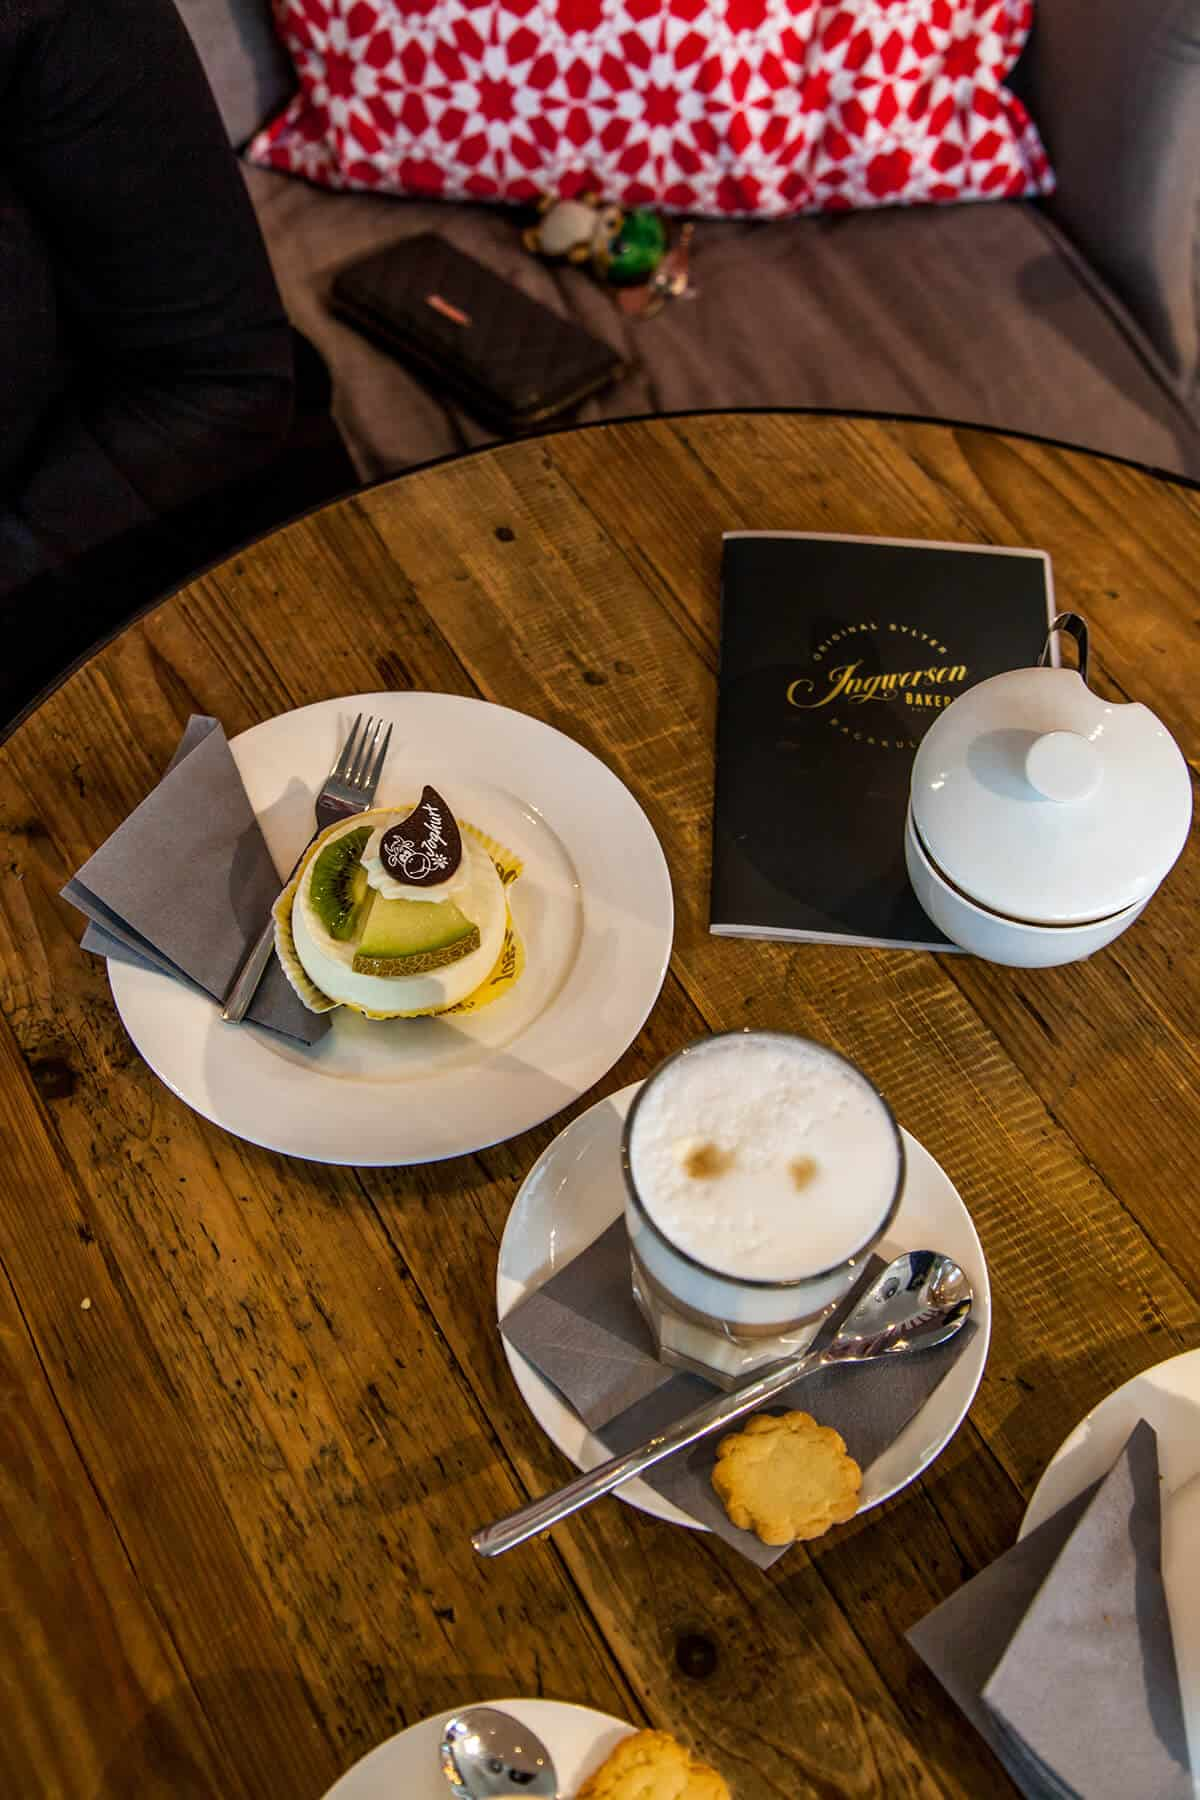 Ingwersen Bakery im Lister Markt in List auf Sylt mit Törtchen und Kaffee